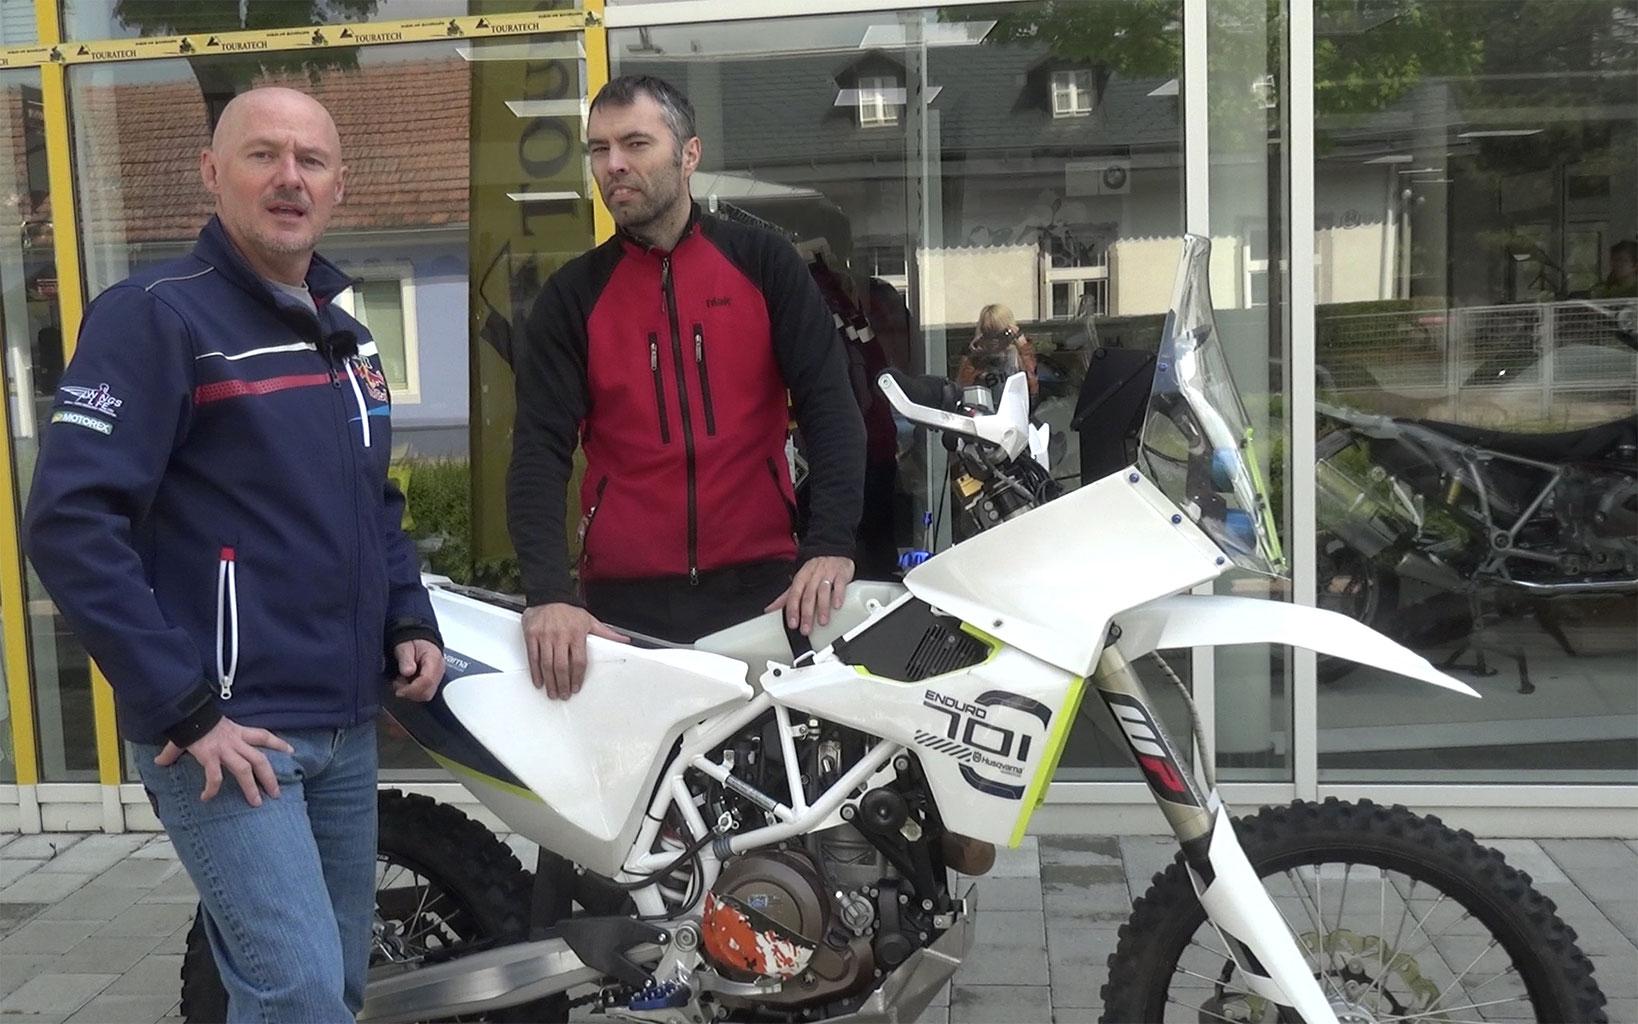 Leistbare Rally-Kits für KTM 690 und Husqvarna 701 - Wolfs private